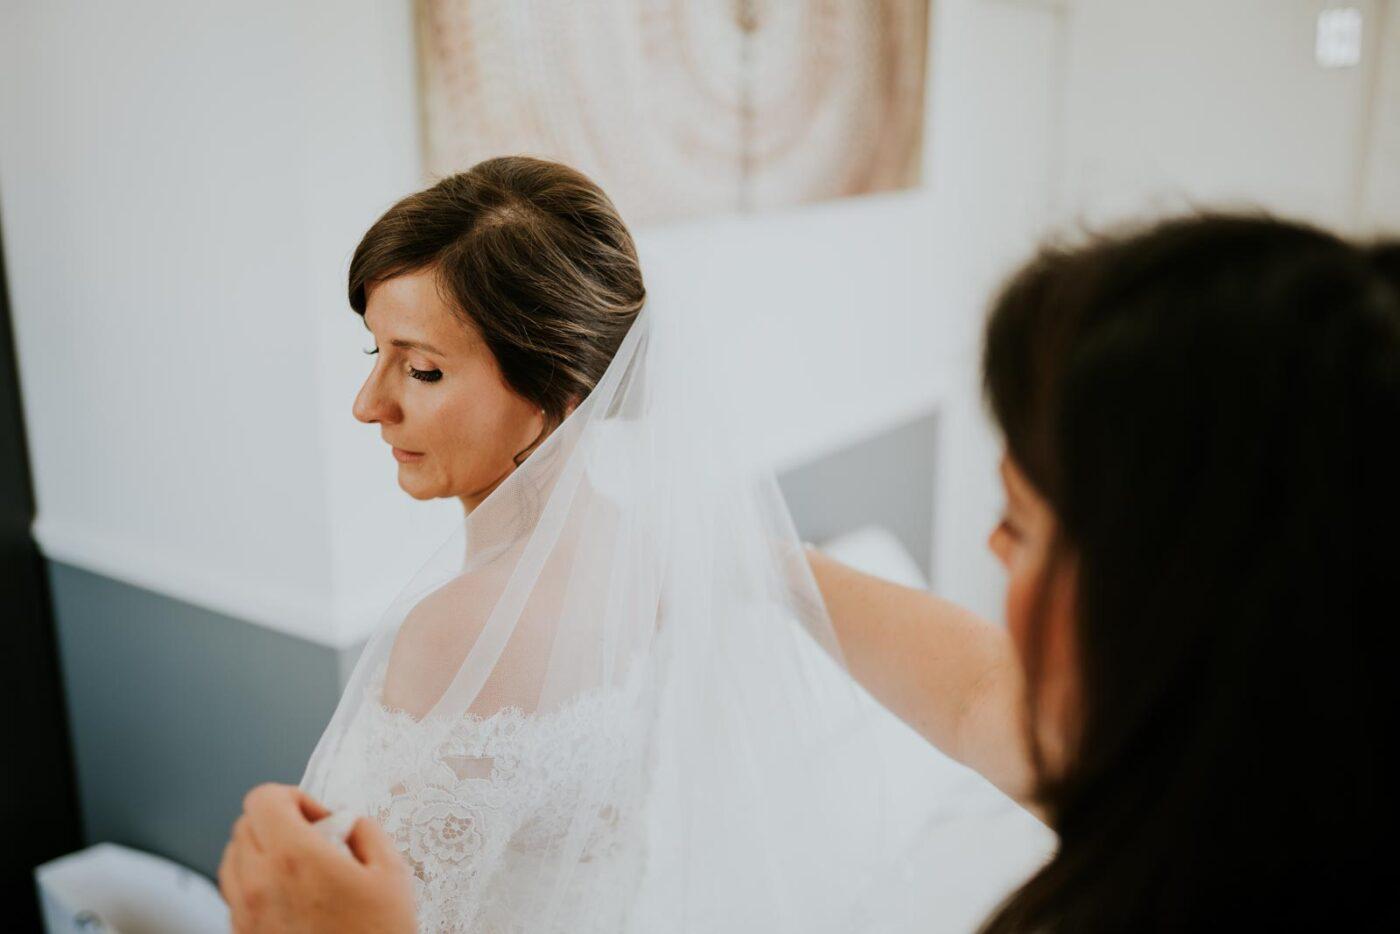 Le voile de la mariée est posé.